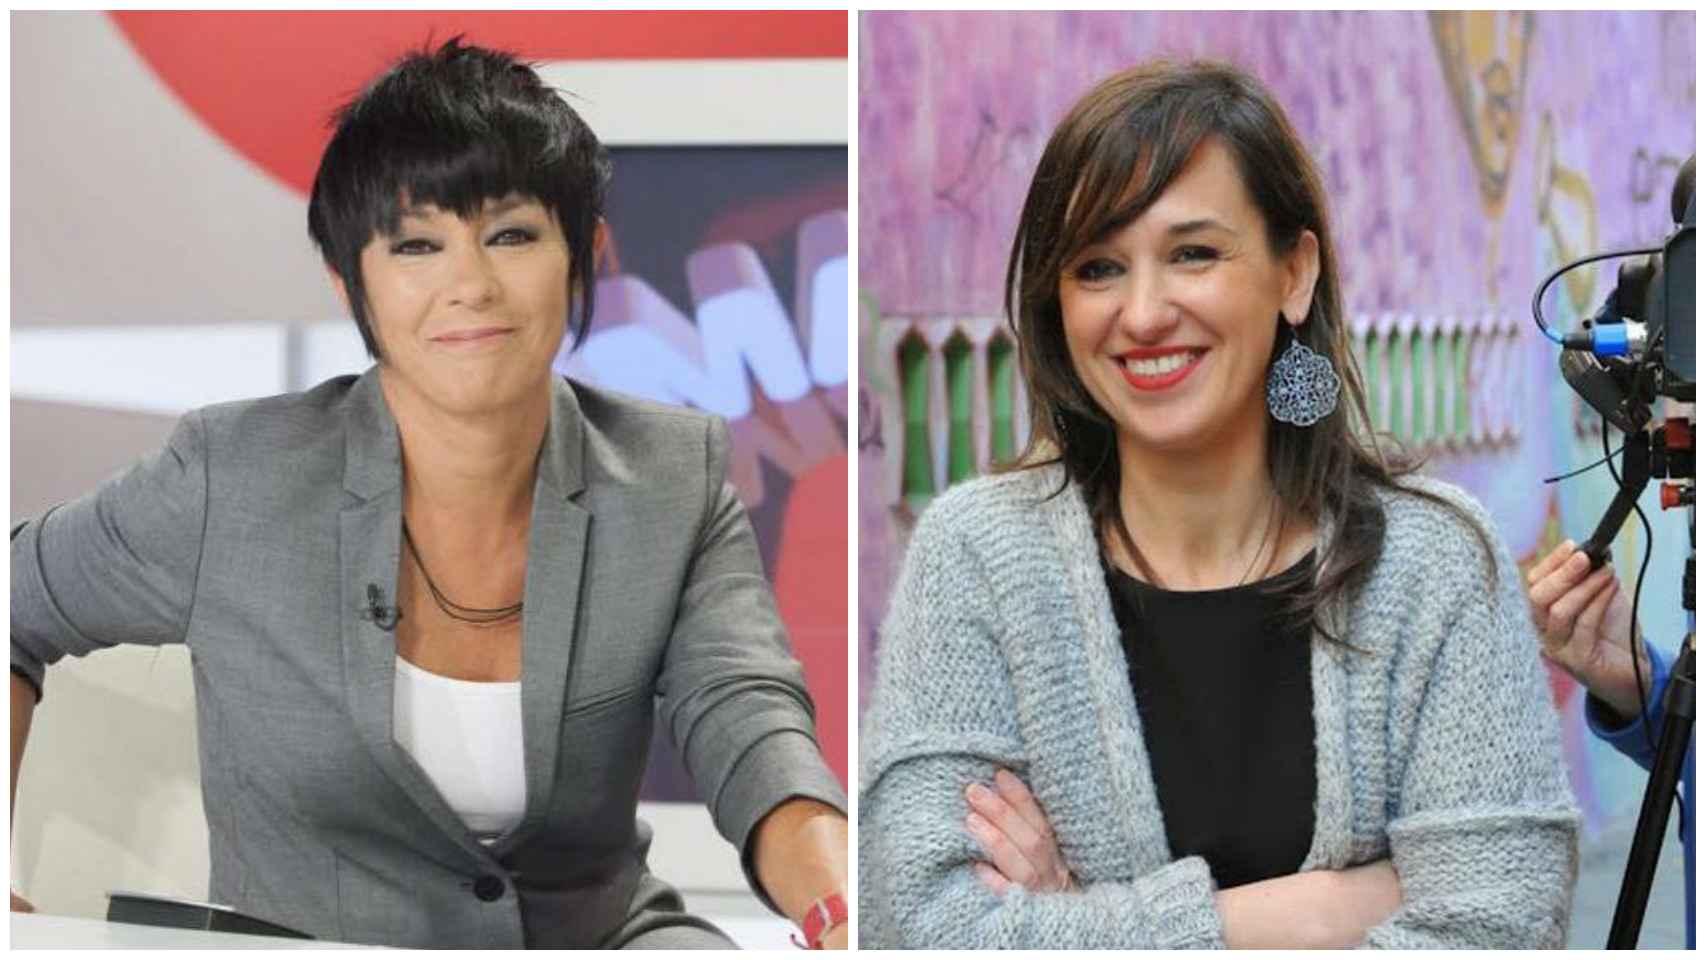 Las periodistas Maddalen Iriarte (izquierda) y Jasone Agirre (derecha).